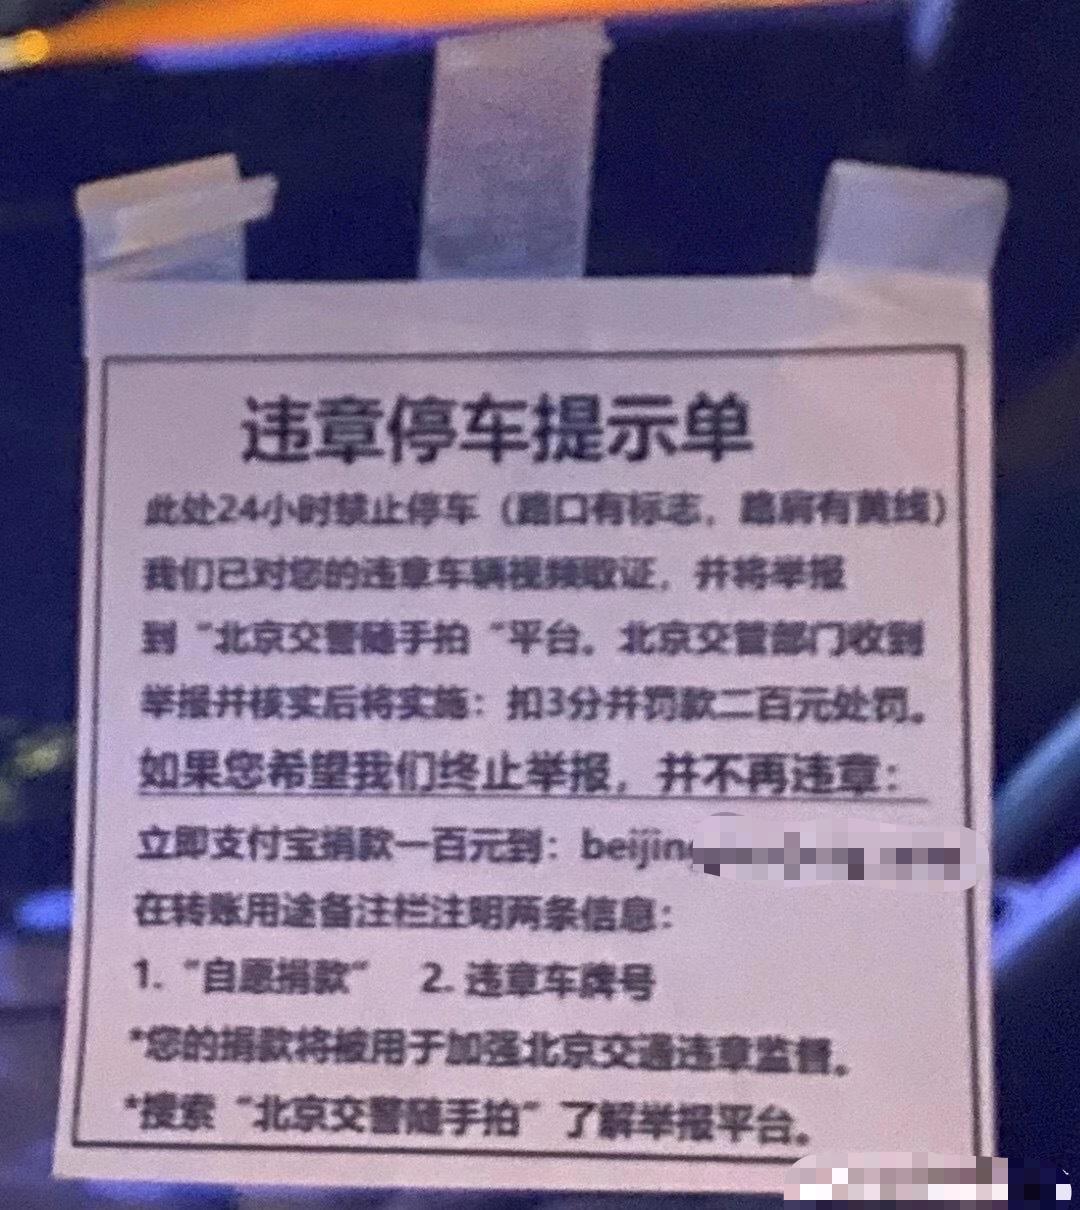 网传有人借北京随手拍敲诈司机,北京交警:非官方行为,已关注图片